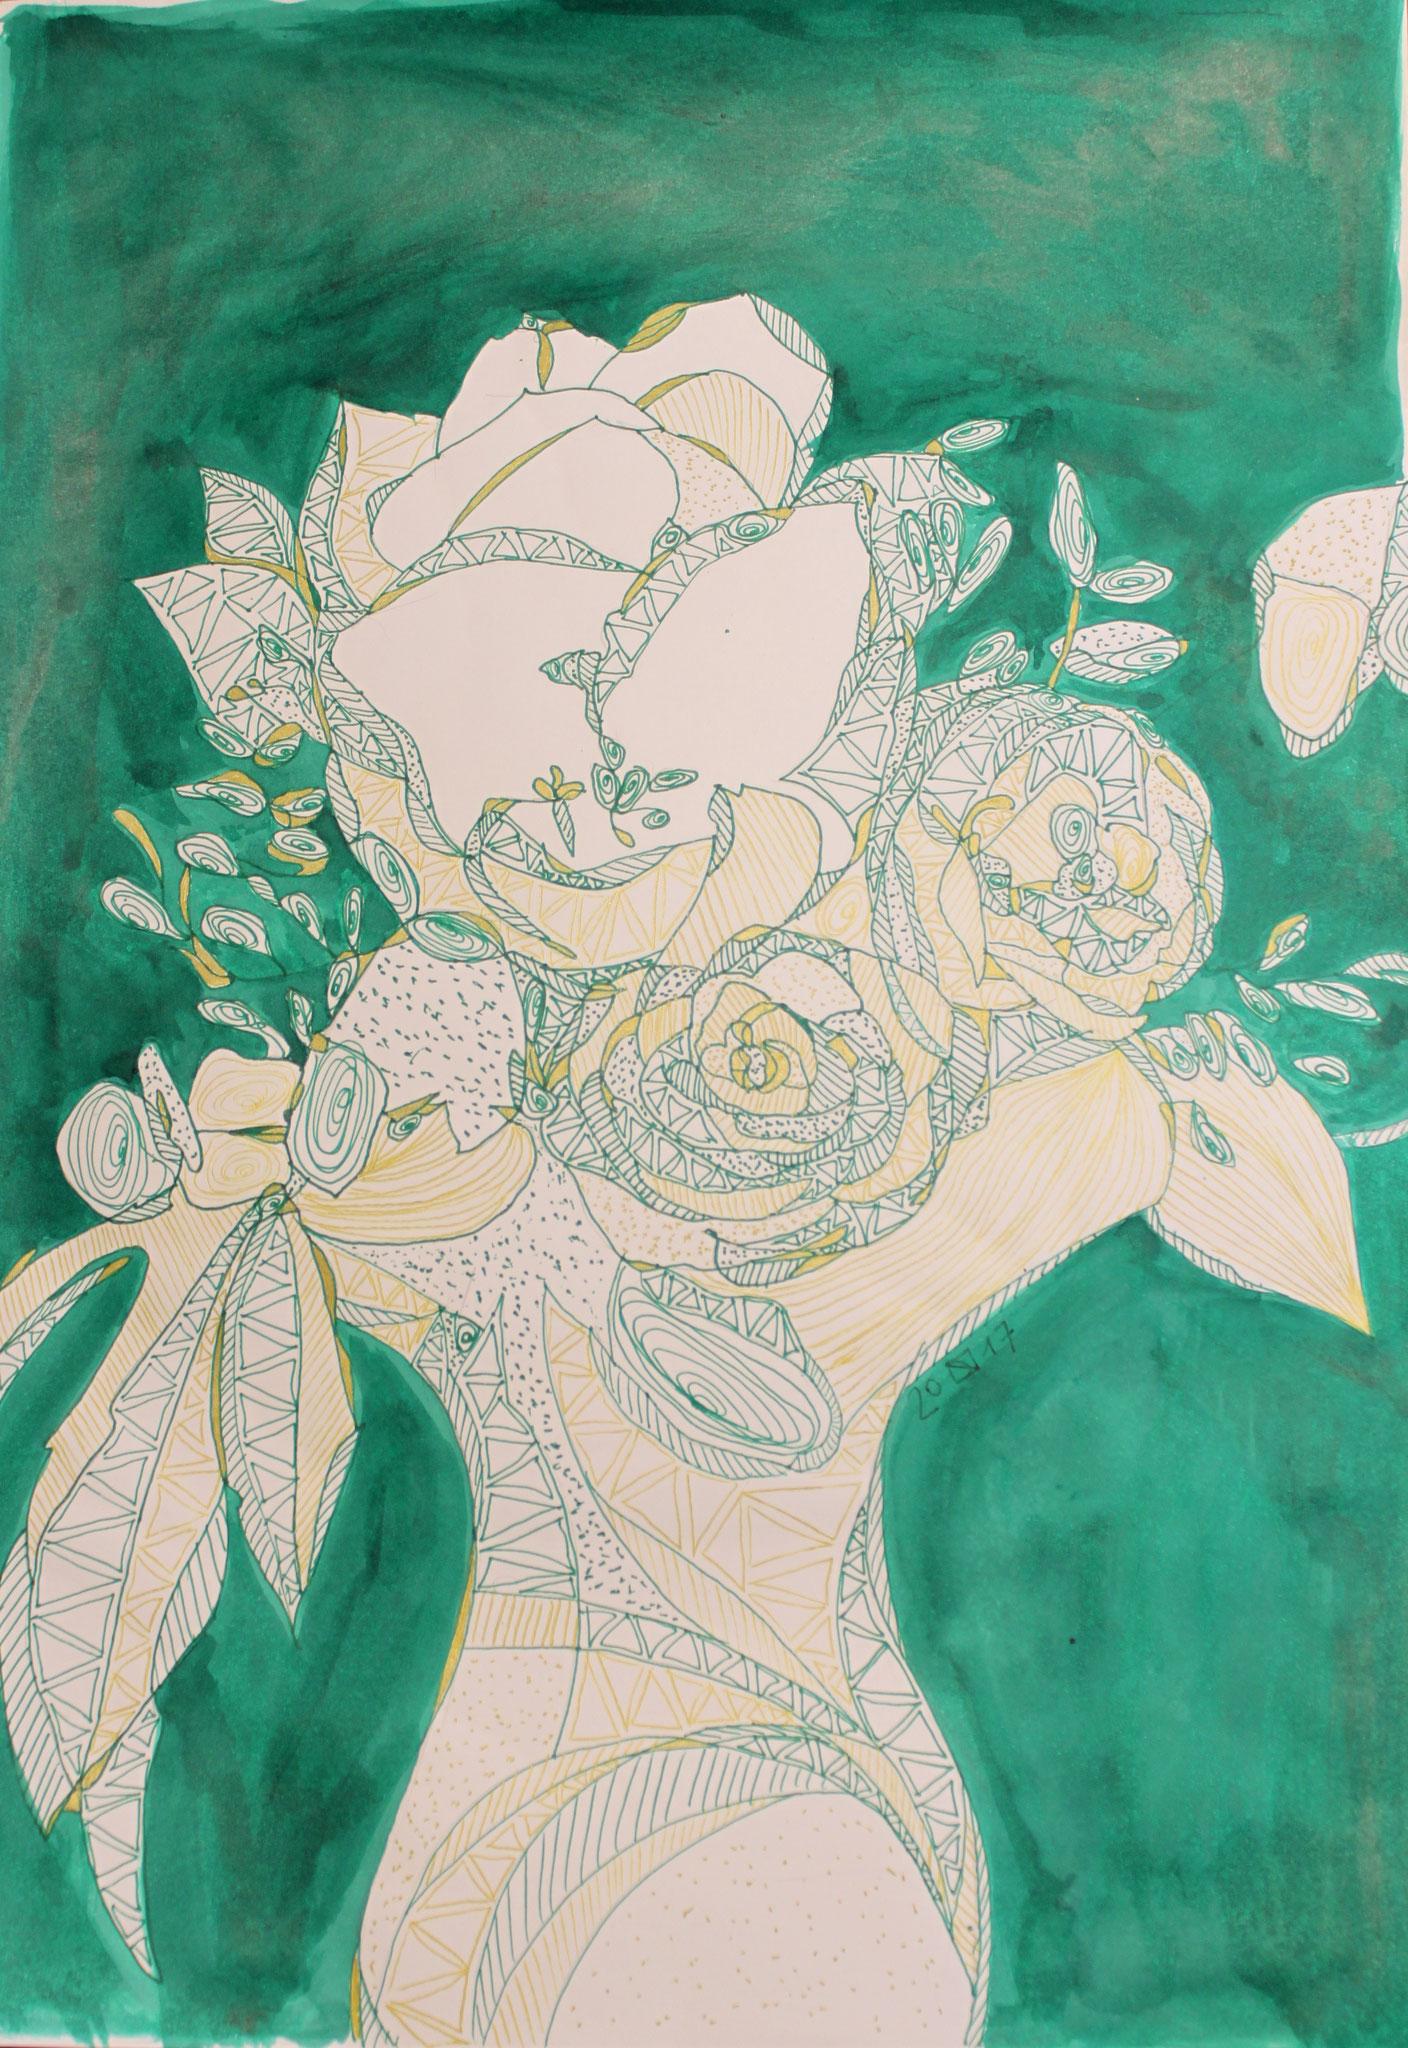 Geburtstagsblumen, Tinte und Fineliner auf Papier, 42 cm x 29 cm, 2017